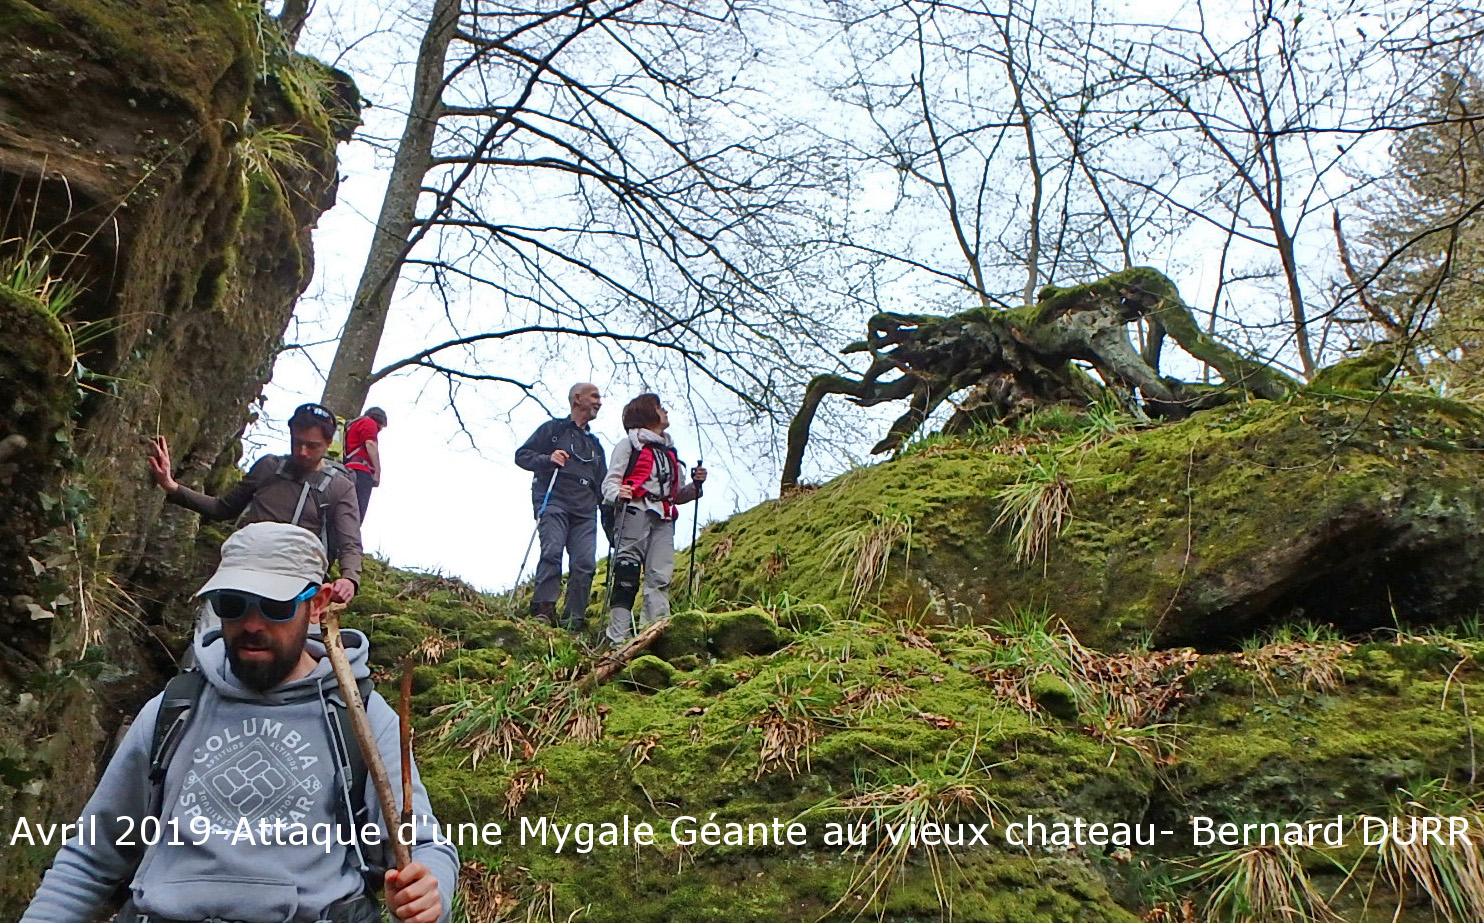 Avril 2019-Une Mygale Géante-Bernard DURR